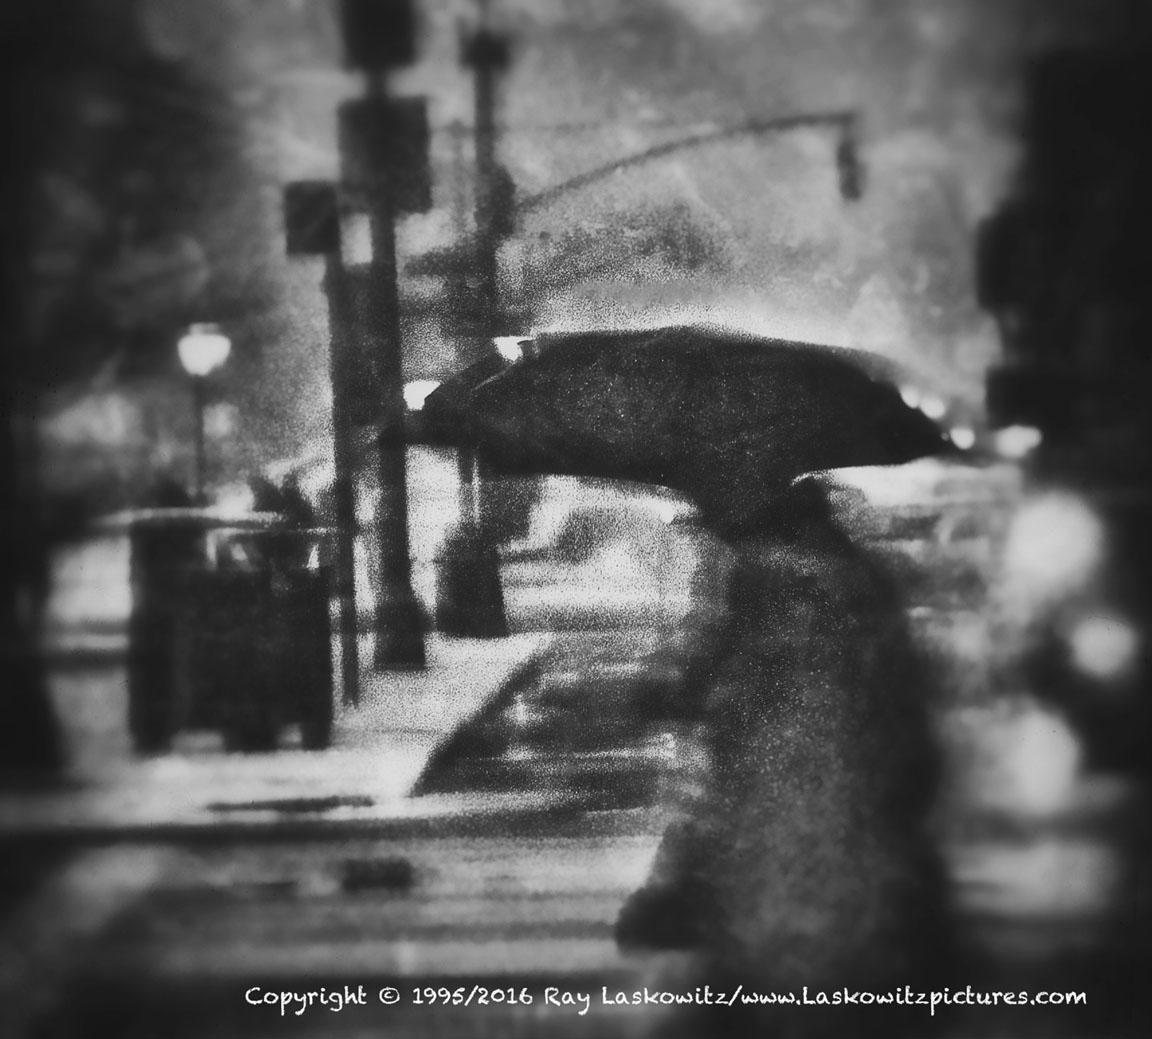 Rainy weather in New York City.